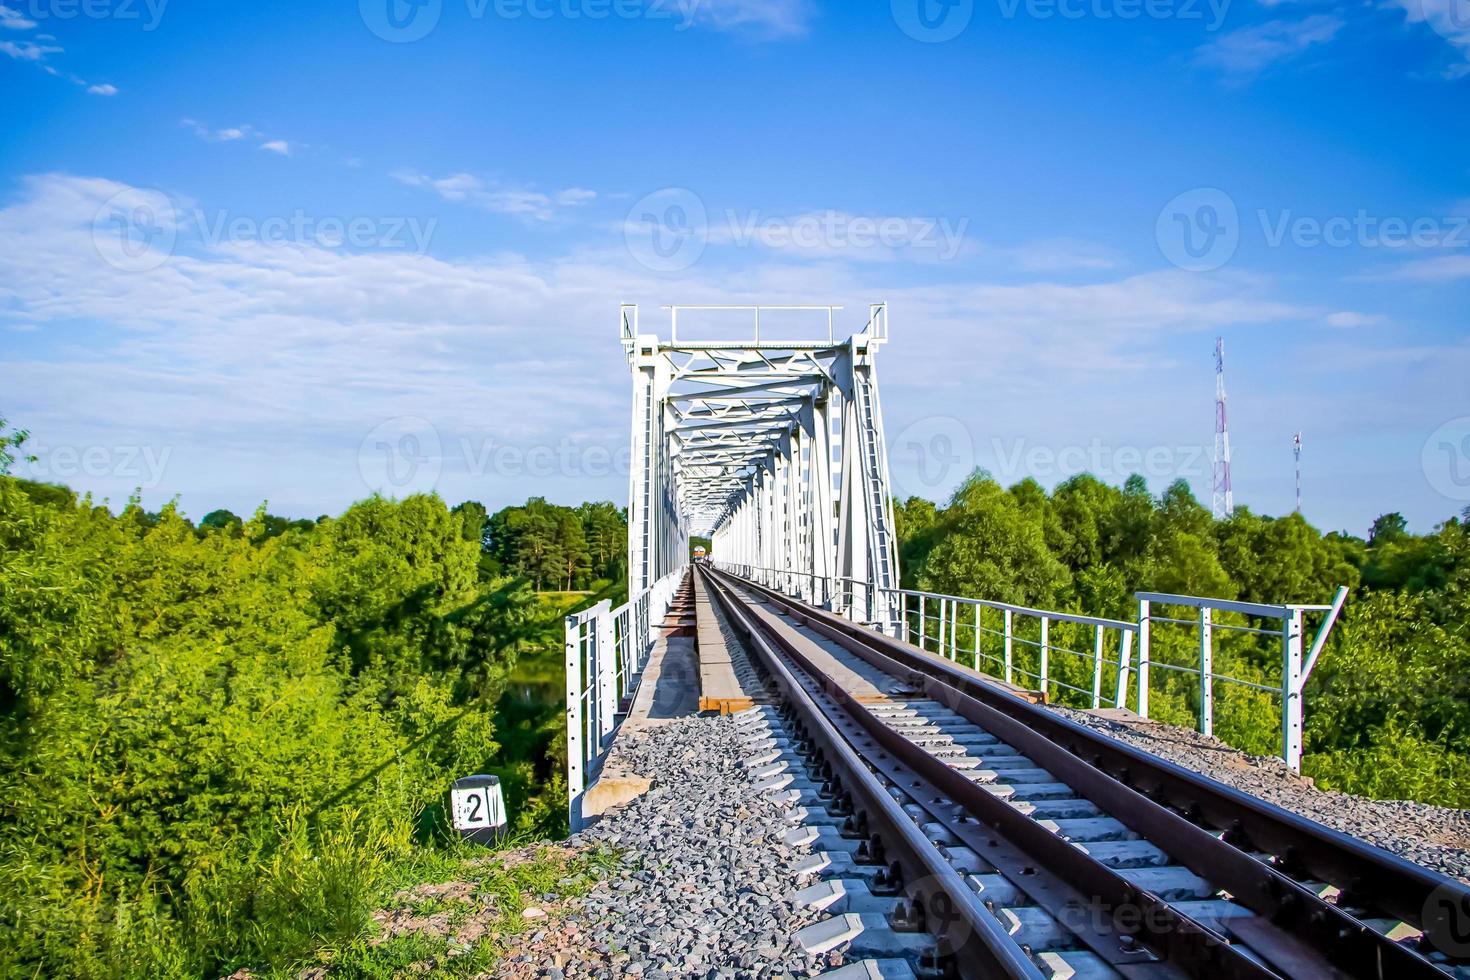 Hermoso puente ferroviario sobre un fondo de vegetación y cielo azul, perspectiva foto